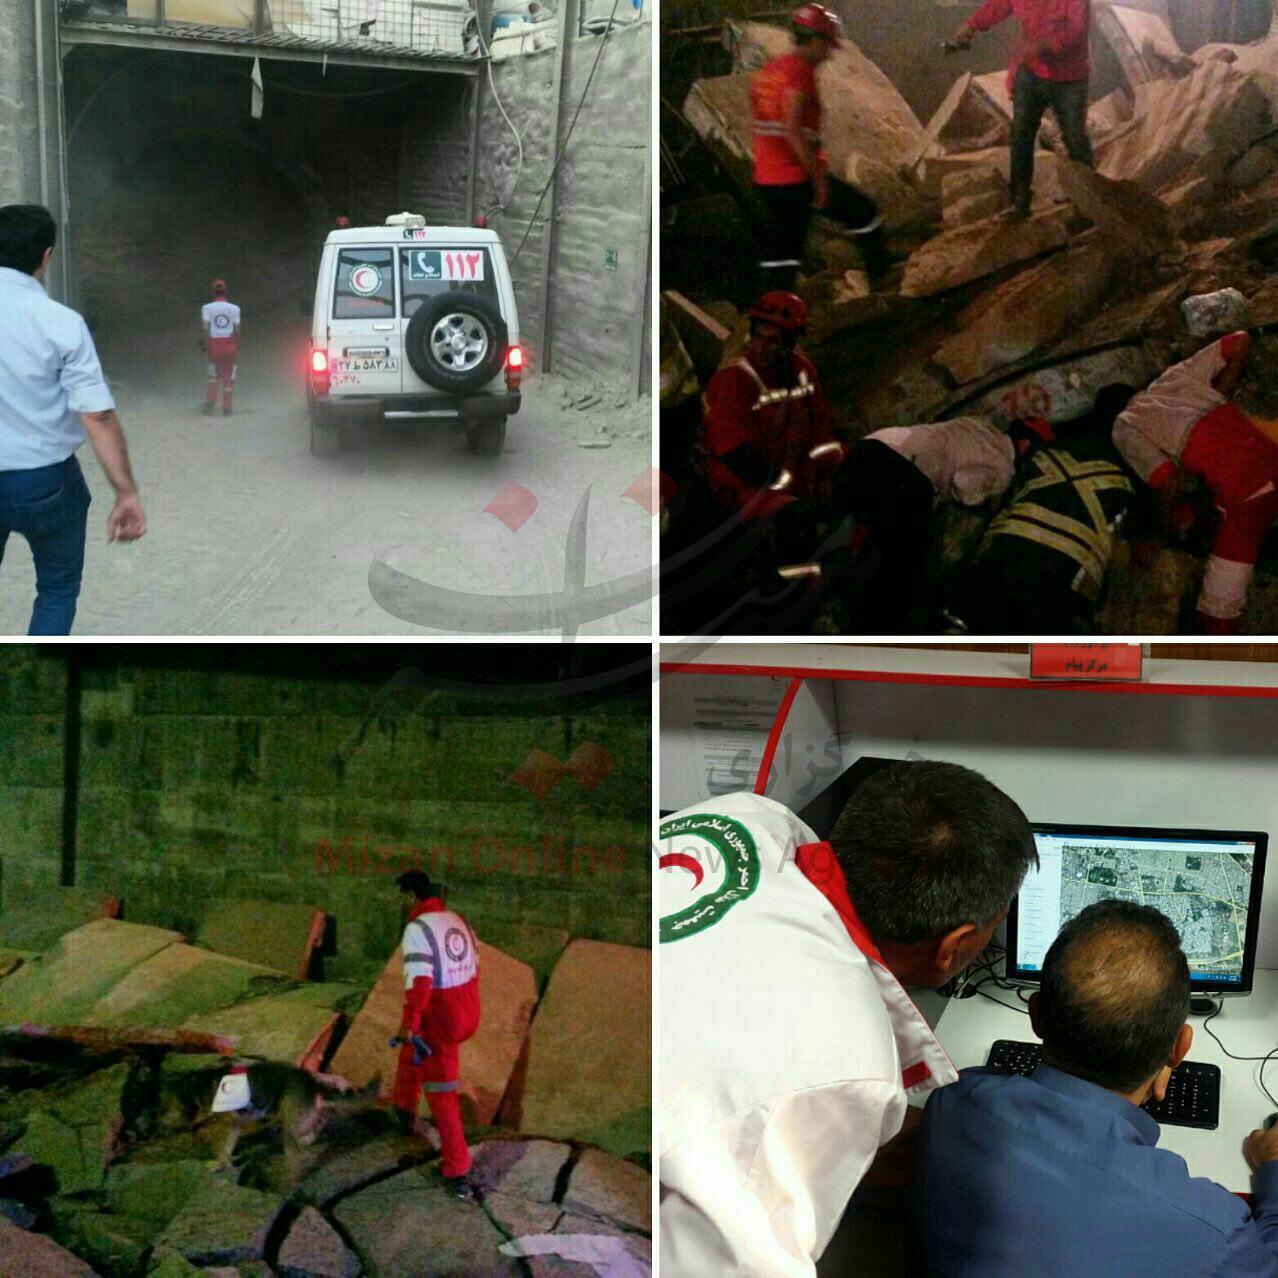 عضو شورای شهر: احتمال کشته شدن 4 کارگر در حادثه مترو (+عکس)